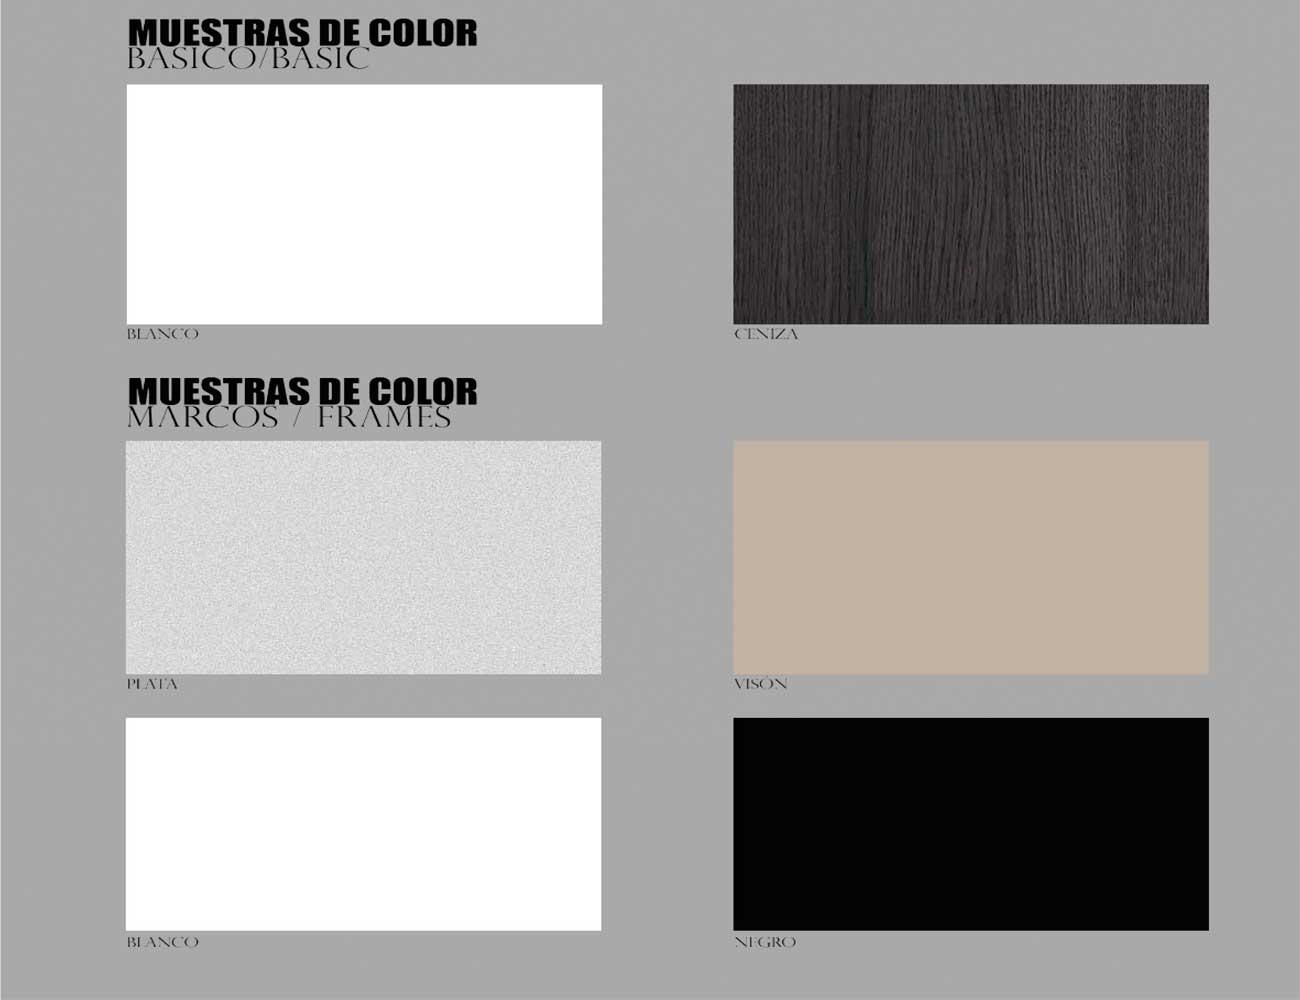 Colores tecnico